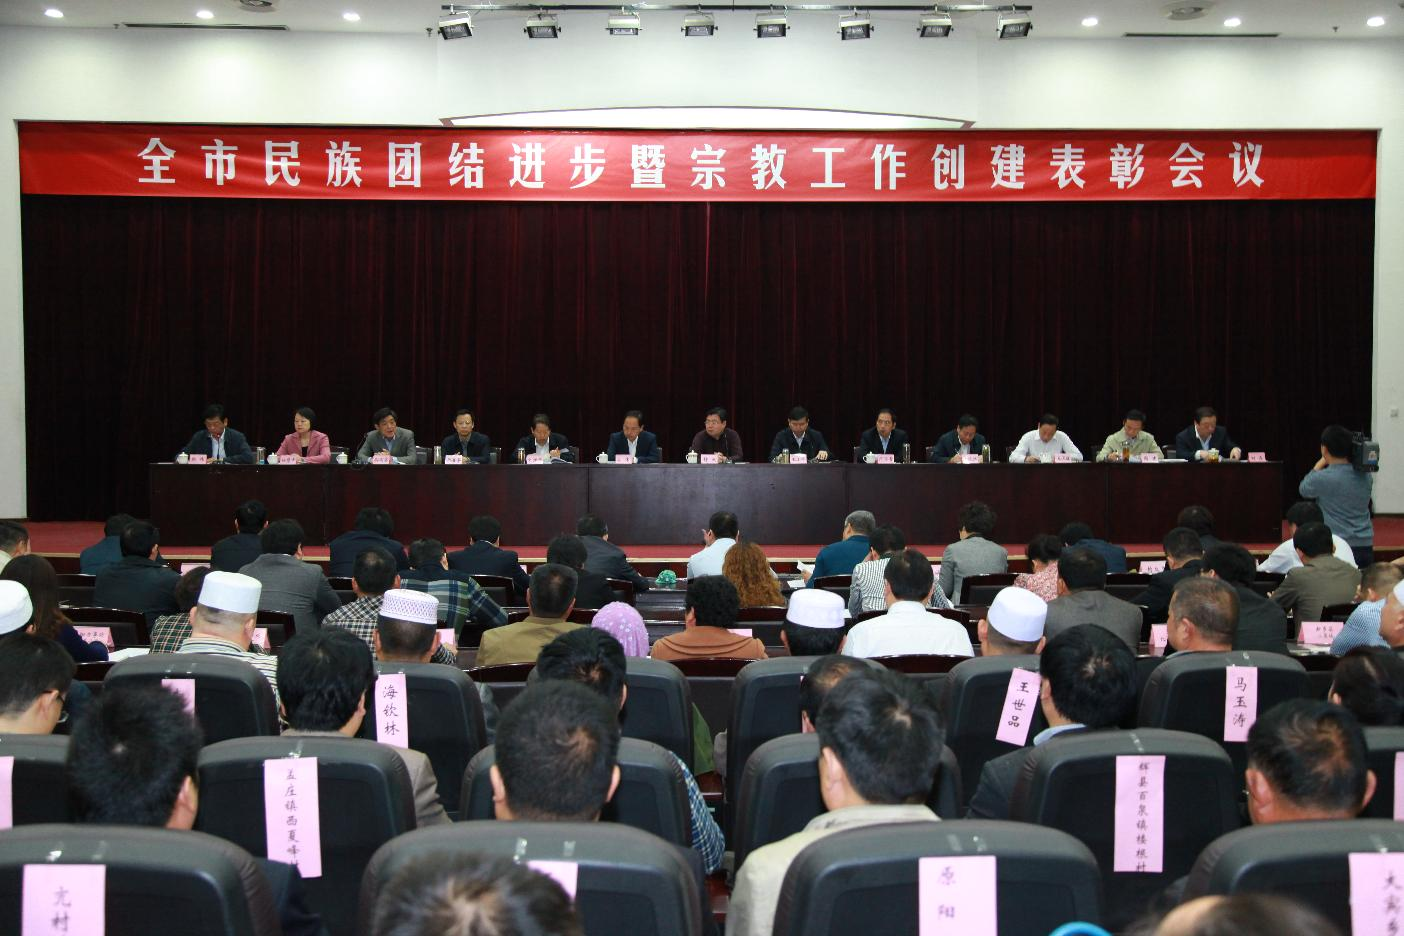 新乡市召开民族团结进步暨宗教工作创建表彰会